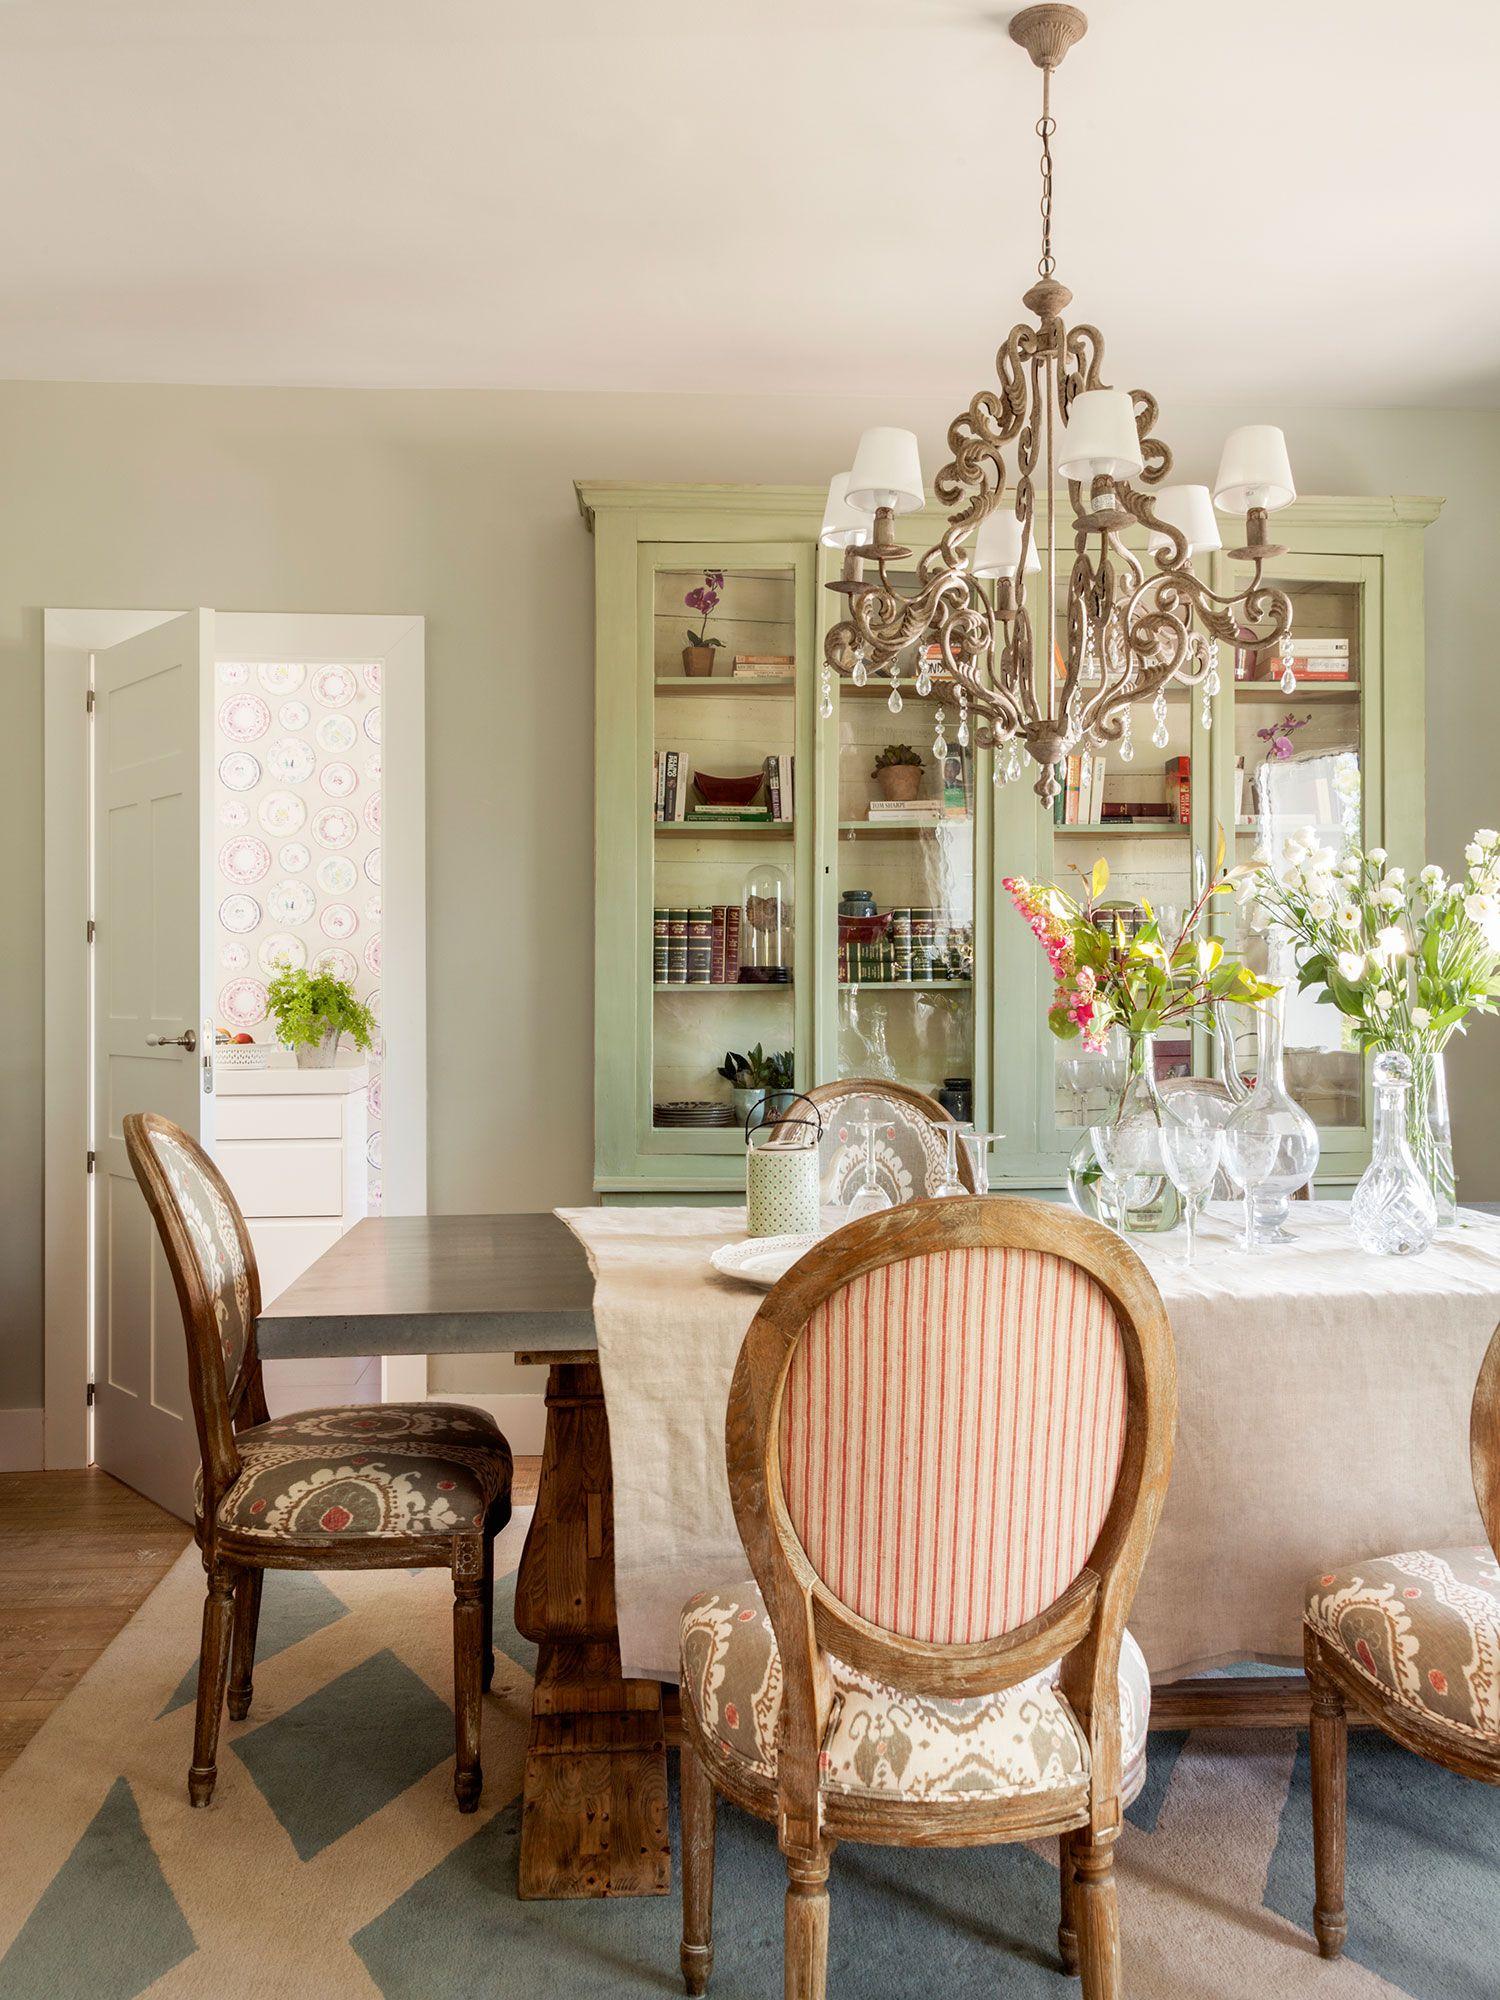 De estilo | sillas | Pinterest | Cozy kitchen, Kitchen cabinet ...